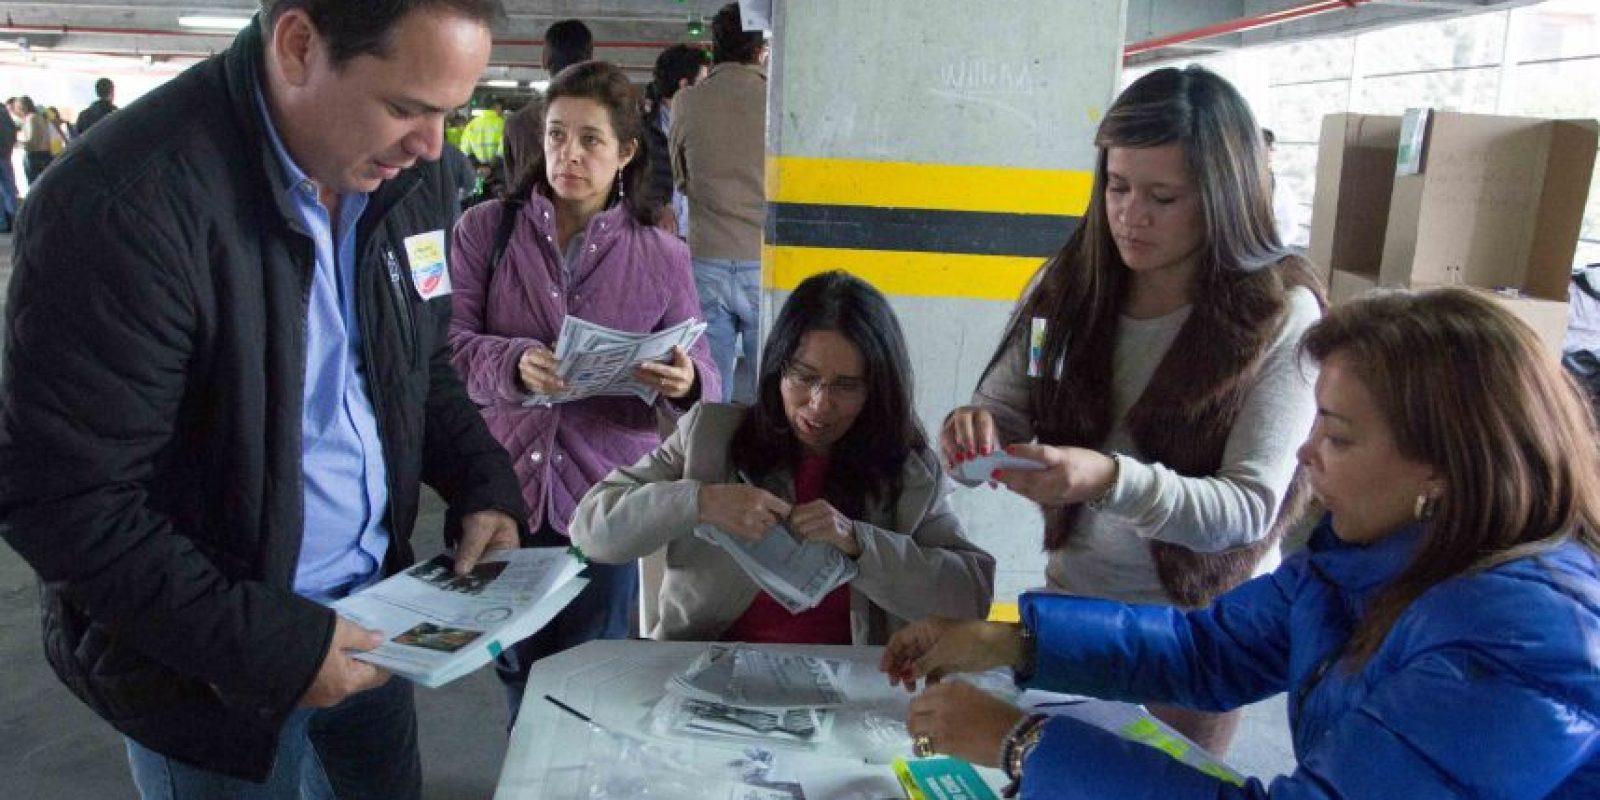 Habrá cerca de 700 mil jurados de votación en todo el país para las elecciones del 25 de octubre Foto:Juan Pablo Pino – Publimetro